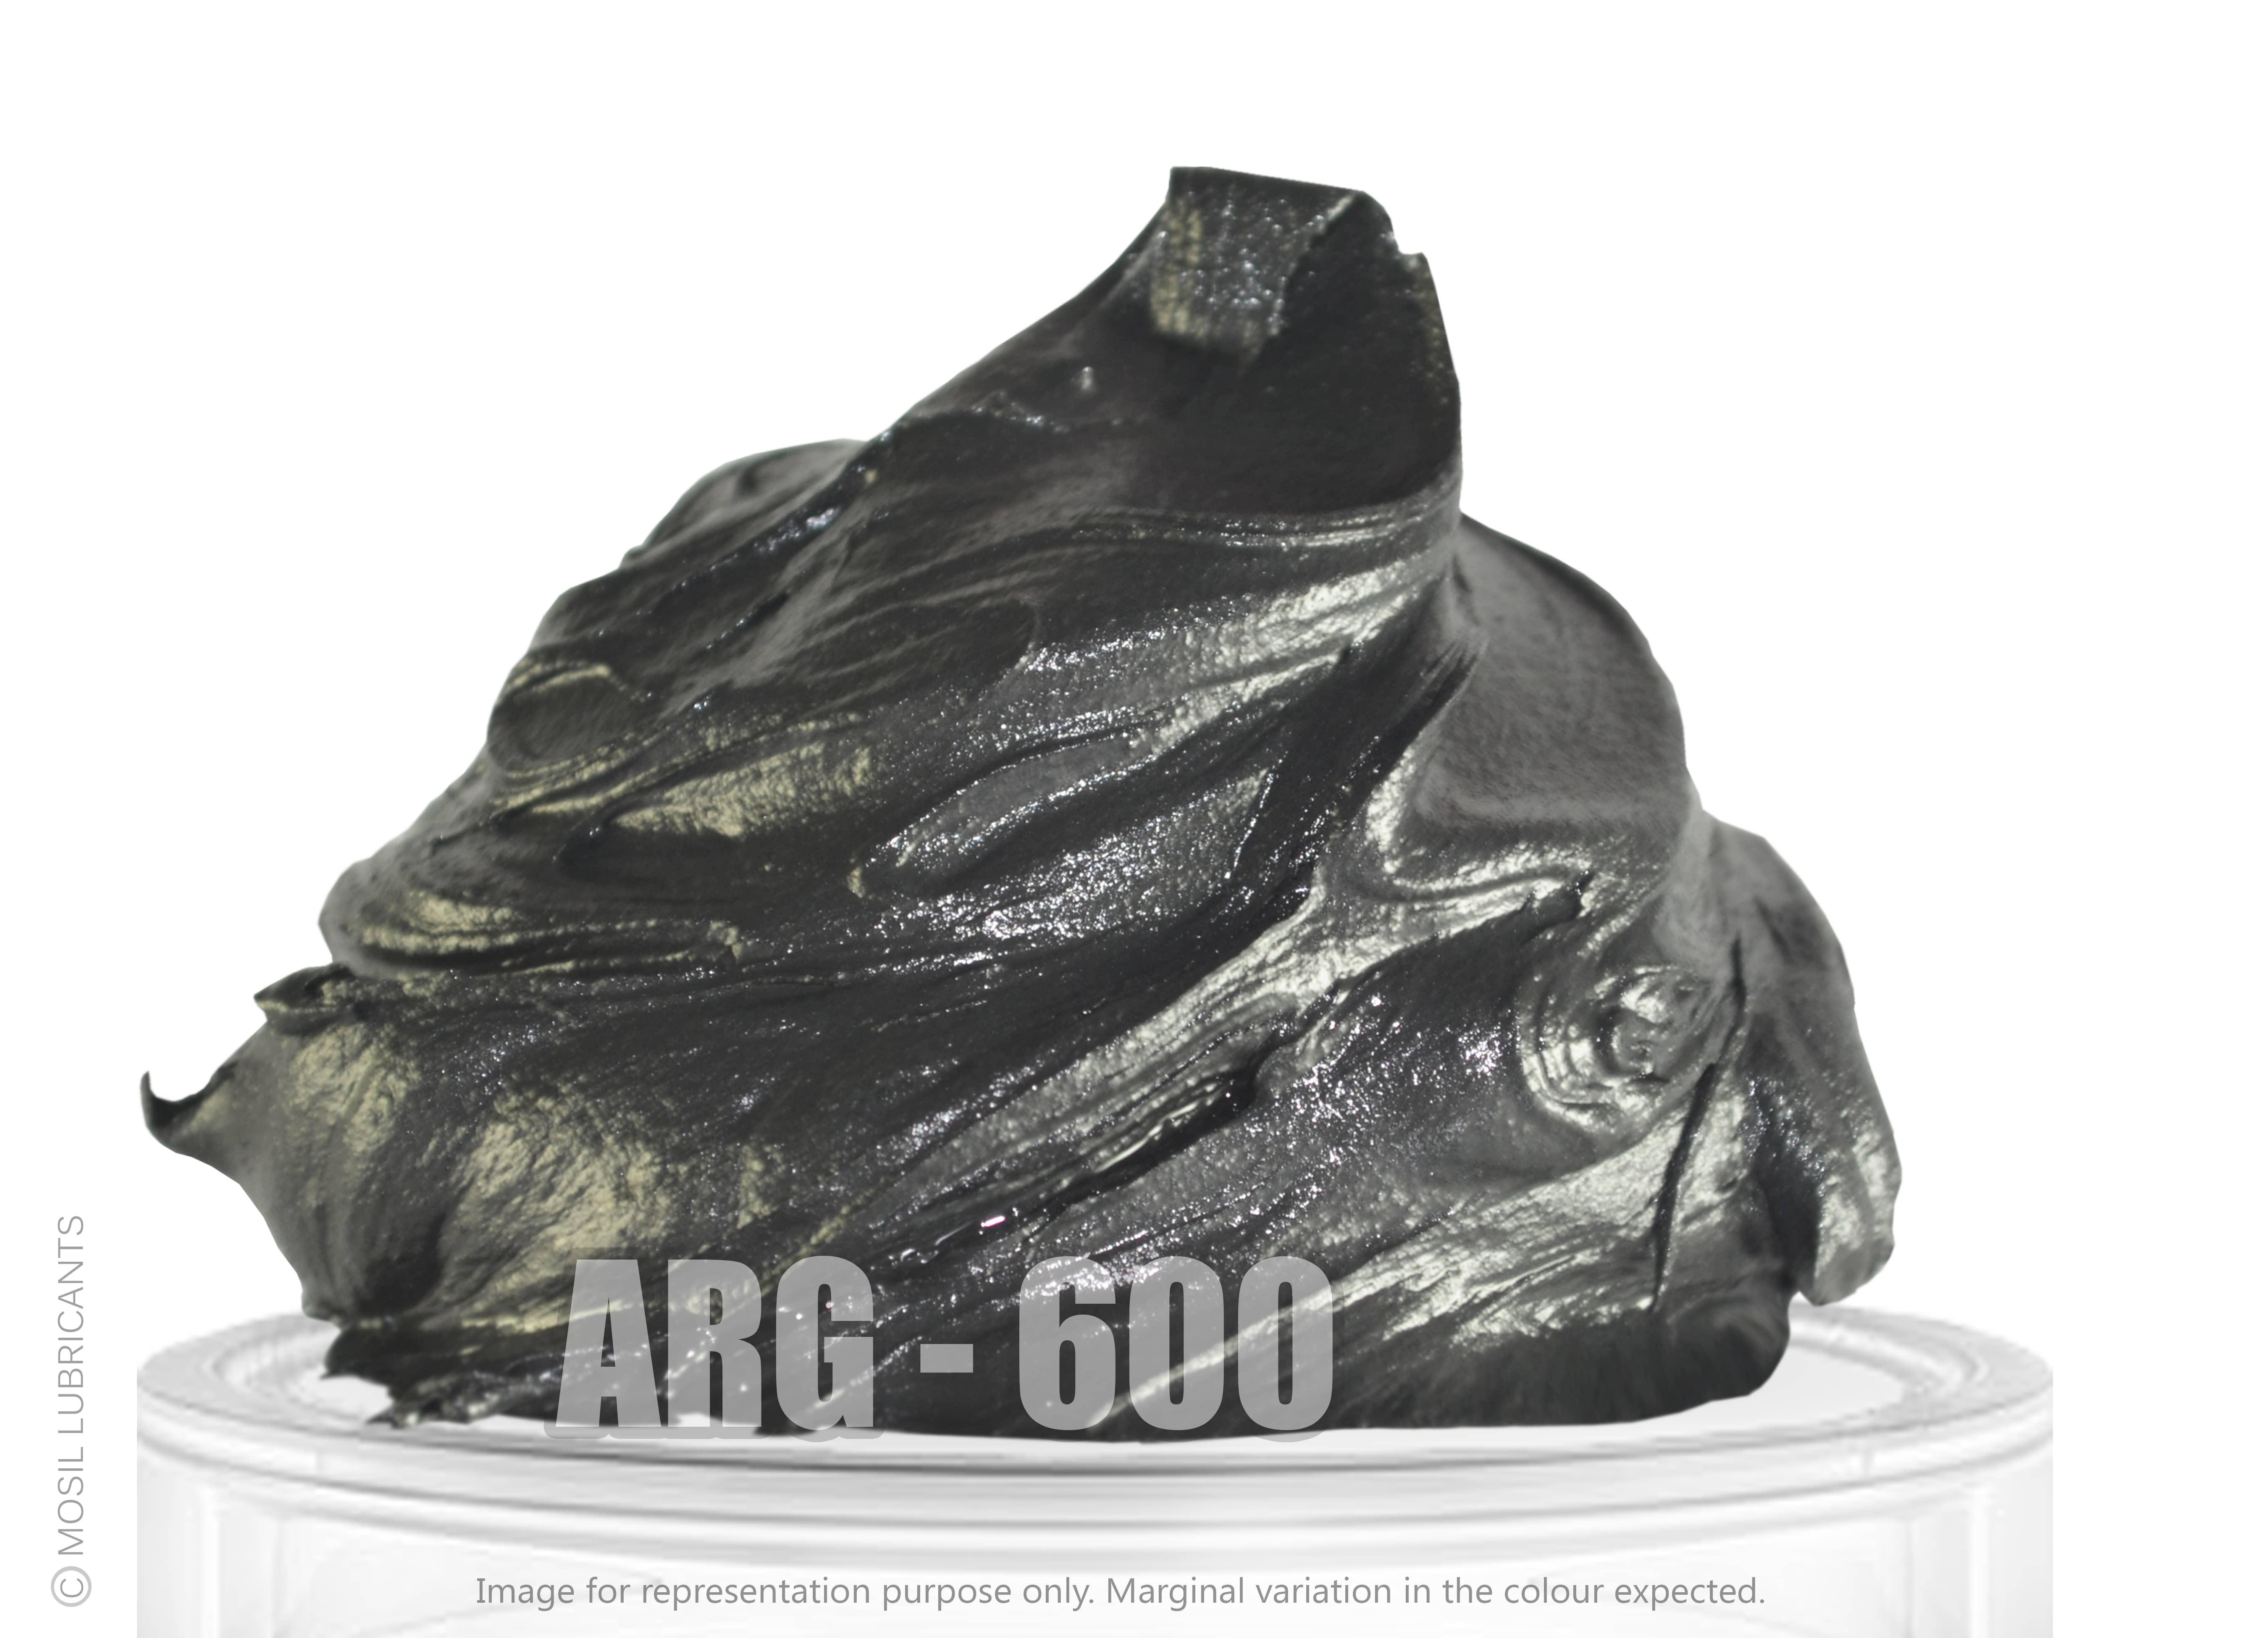 ARG - 600